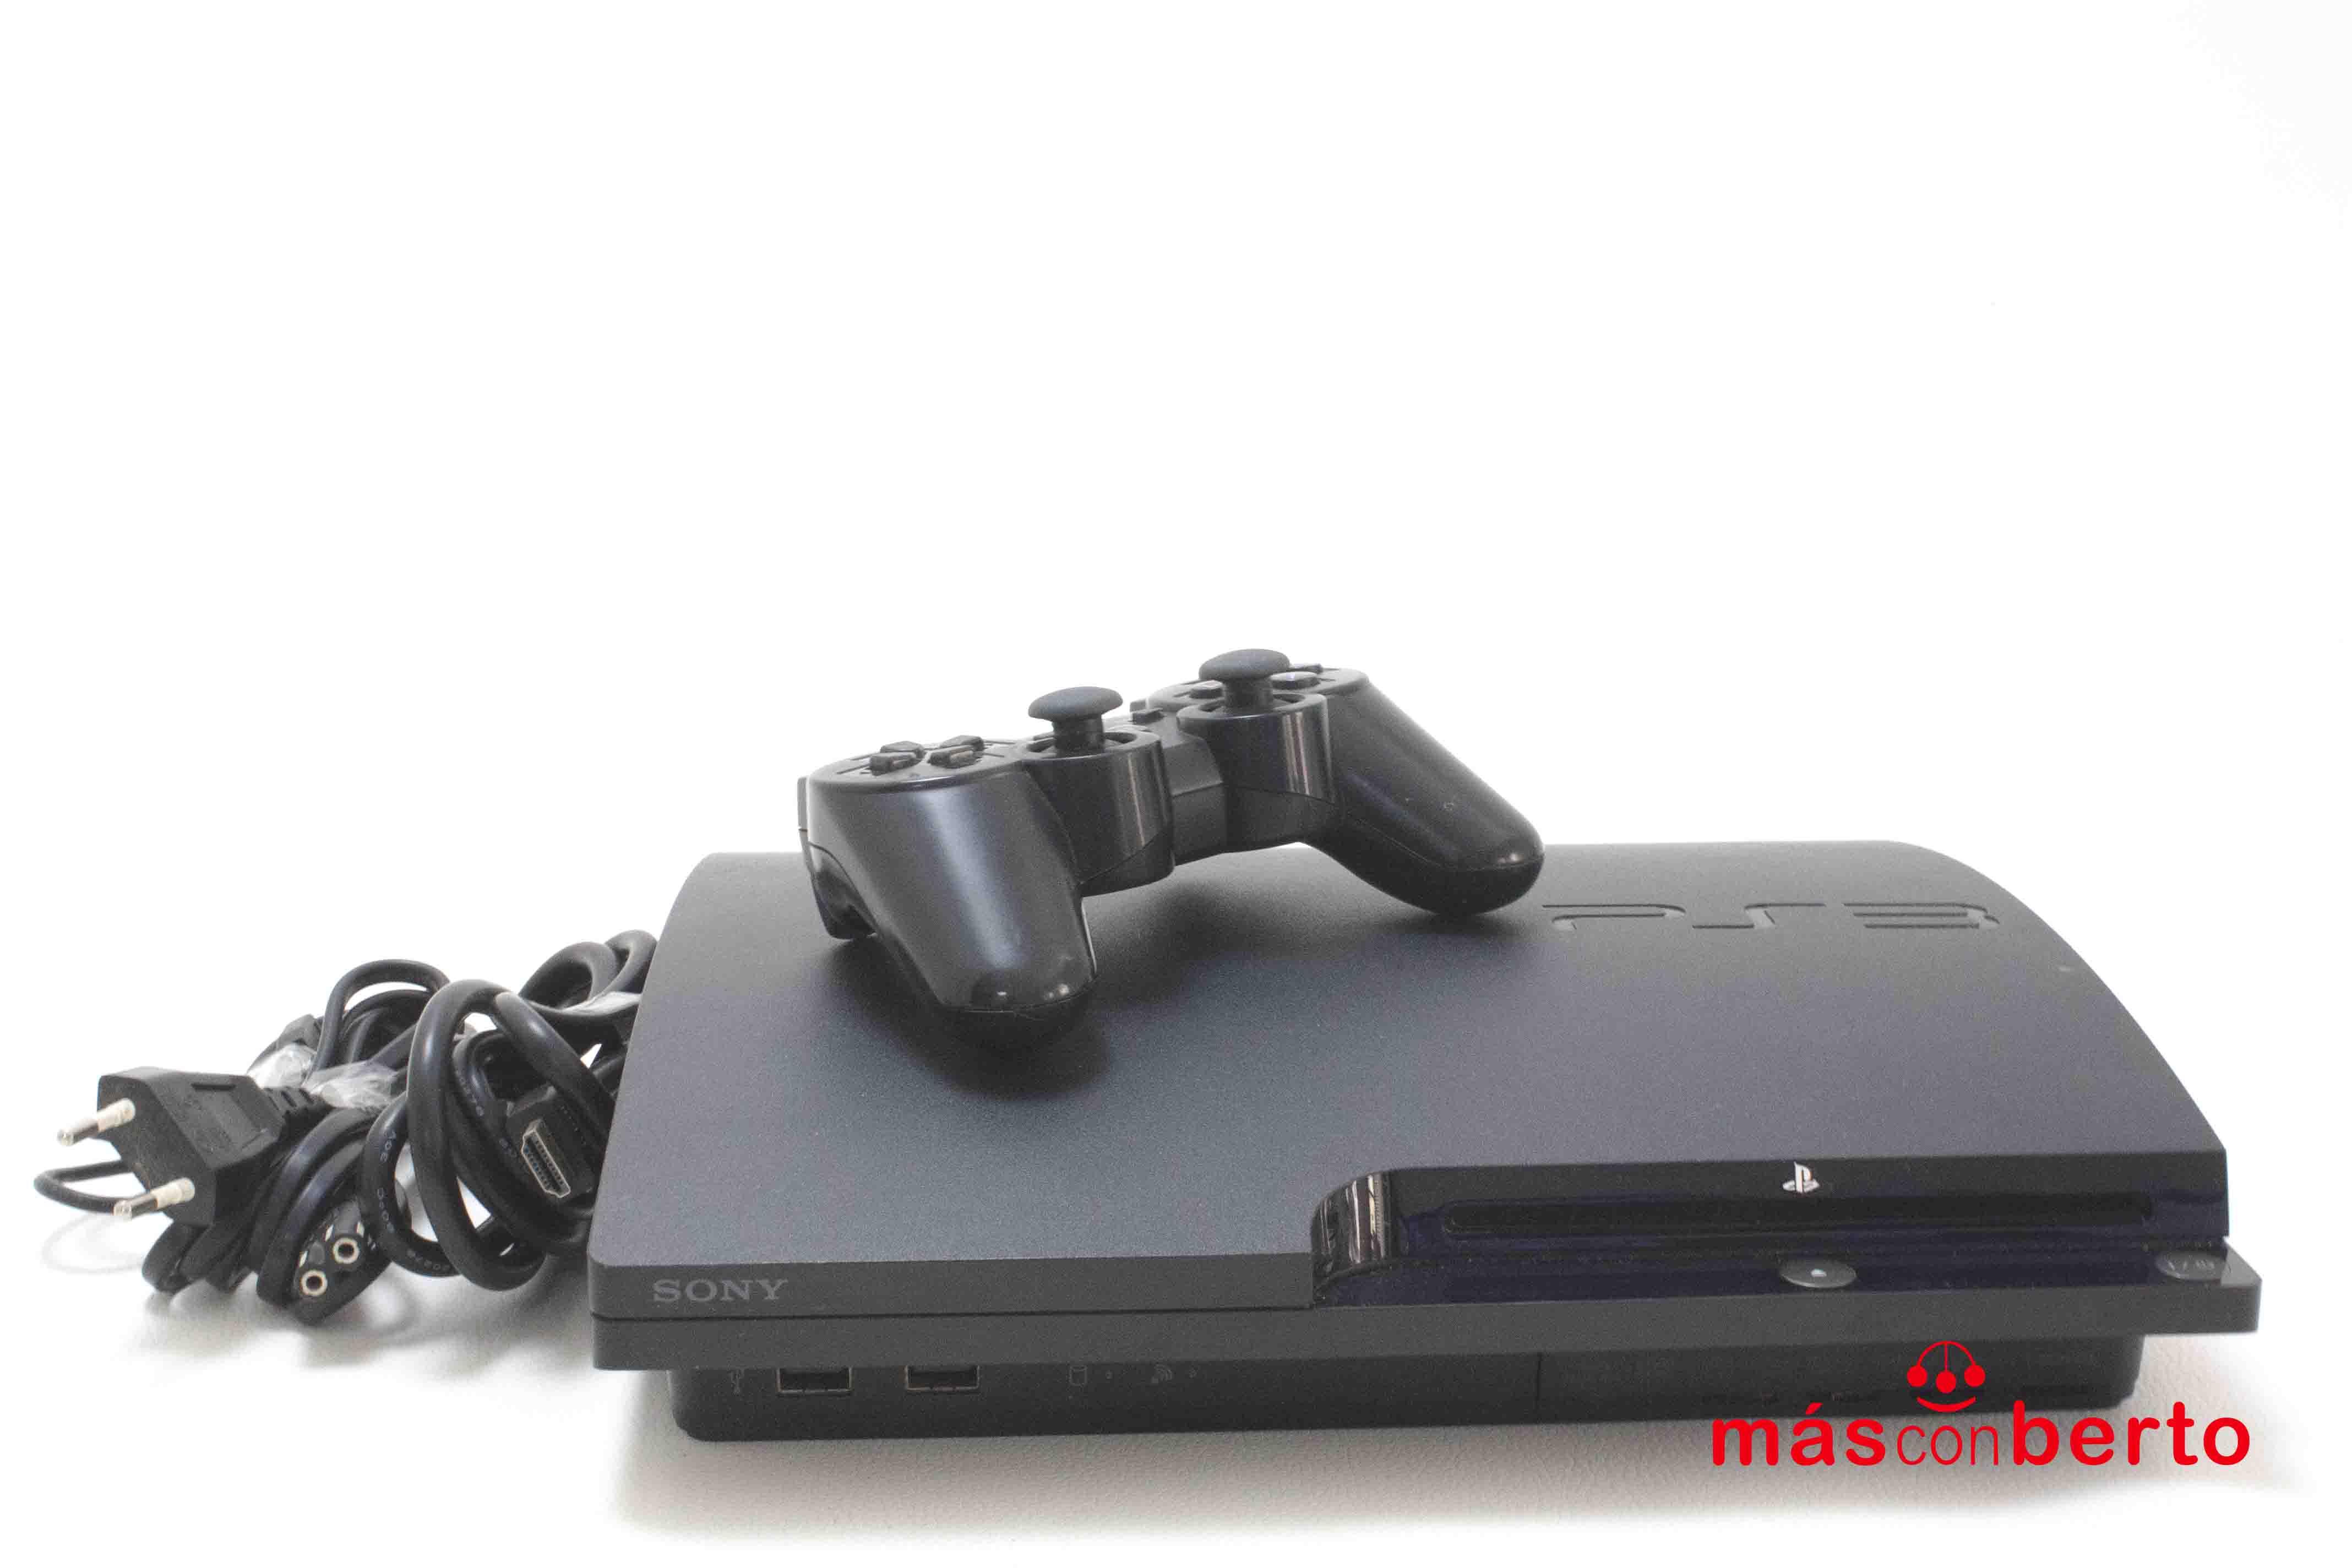 Consola Sony PS3 120GB